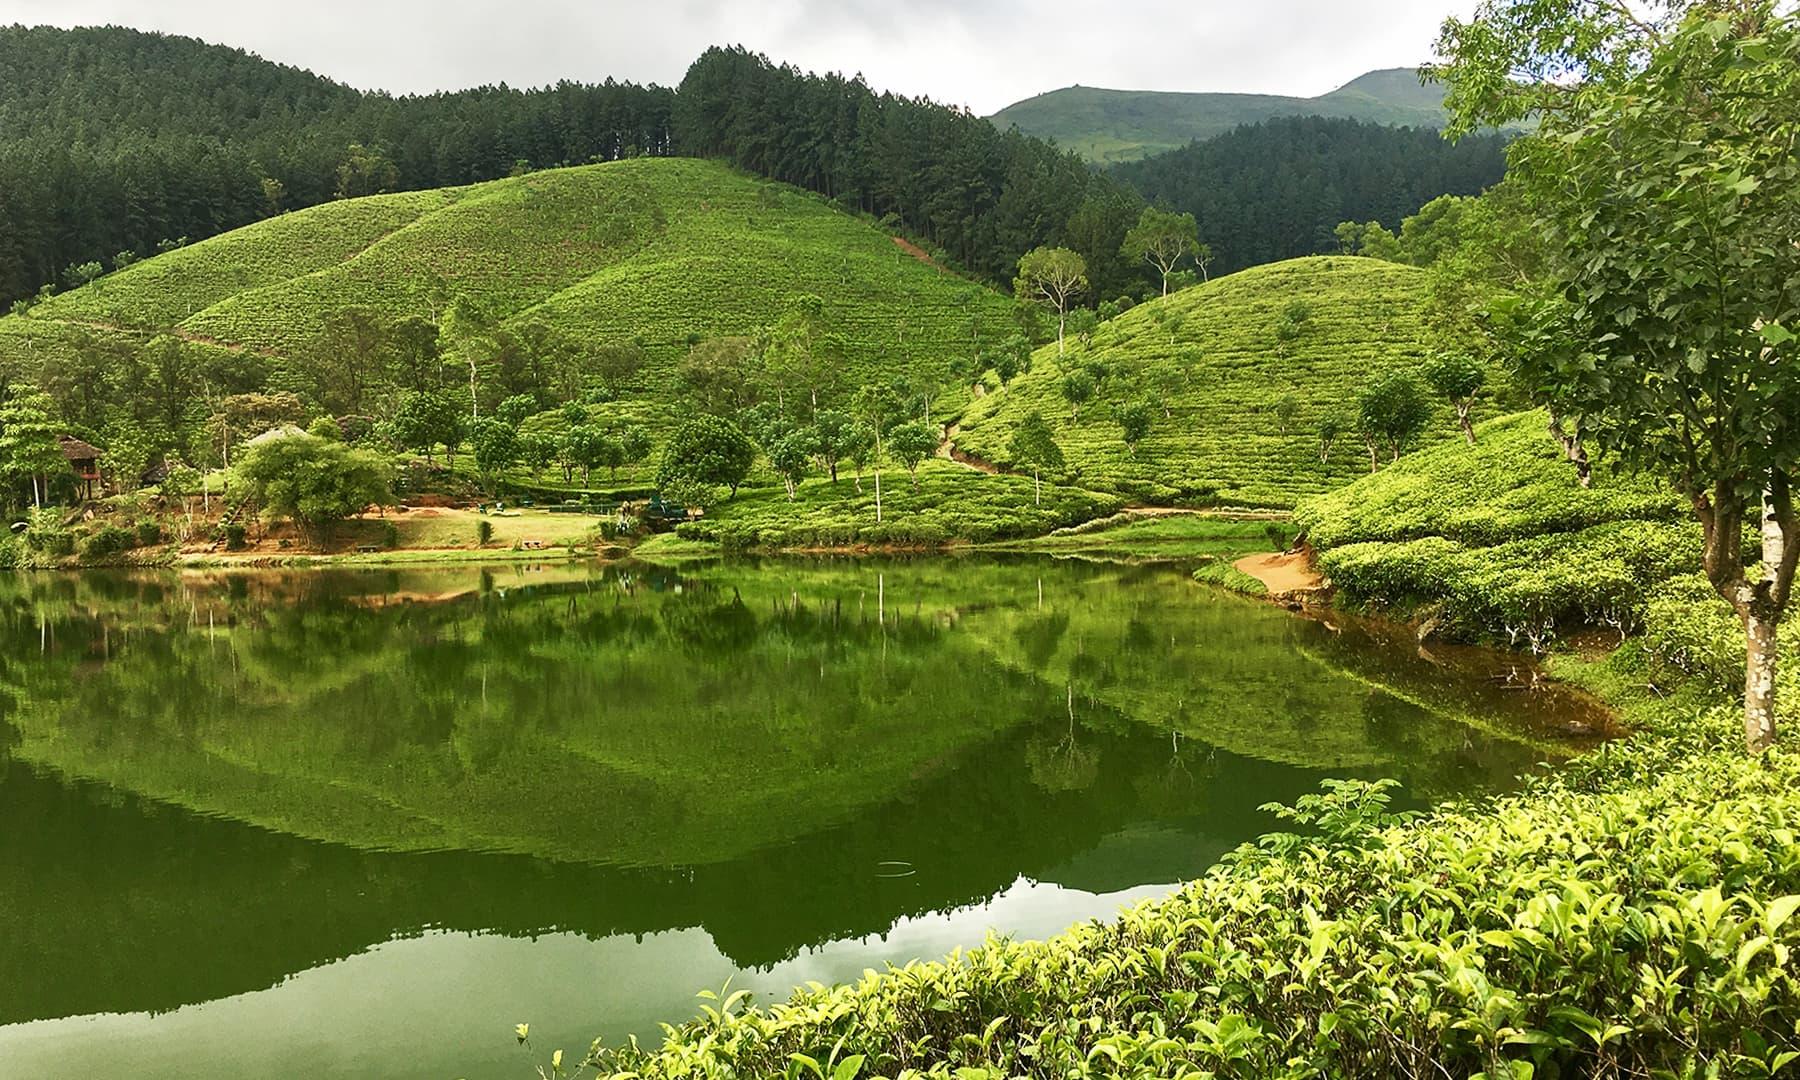 سرسبز و شاداب پہاڑوں کا عکس یوں معلوم ہوتا ہے کہ جھیل کے نیچے بھی ایک دنیا آباد ہے—تصویر امتیاز احمد